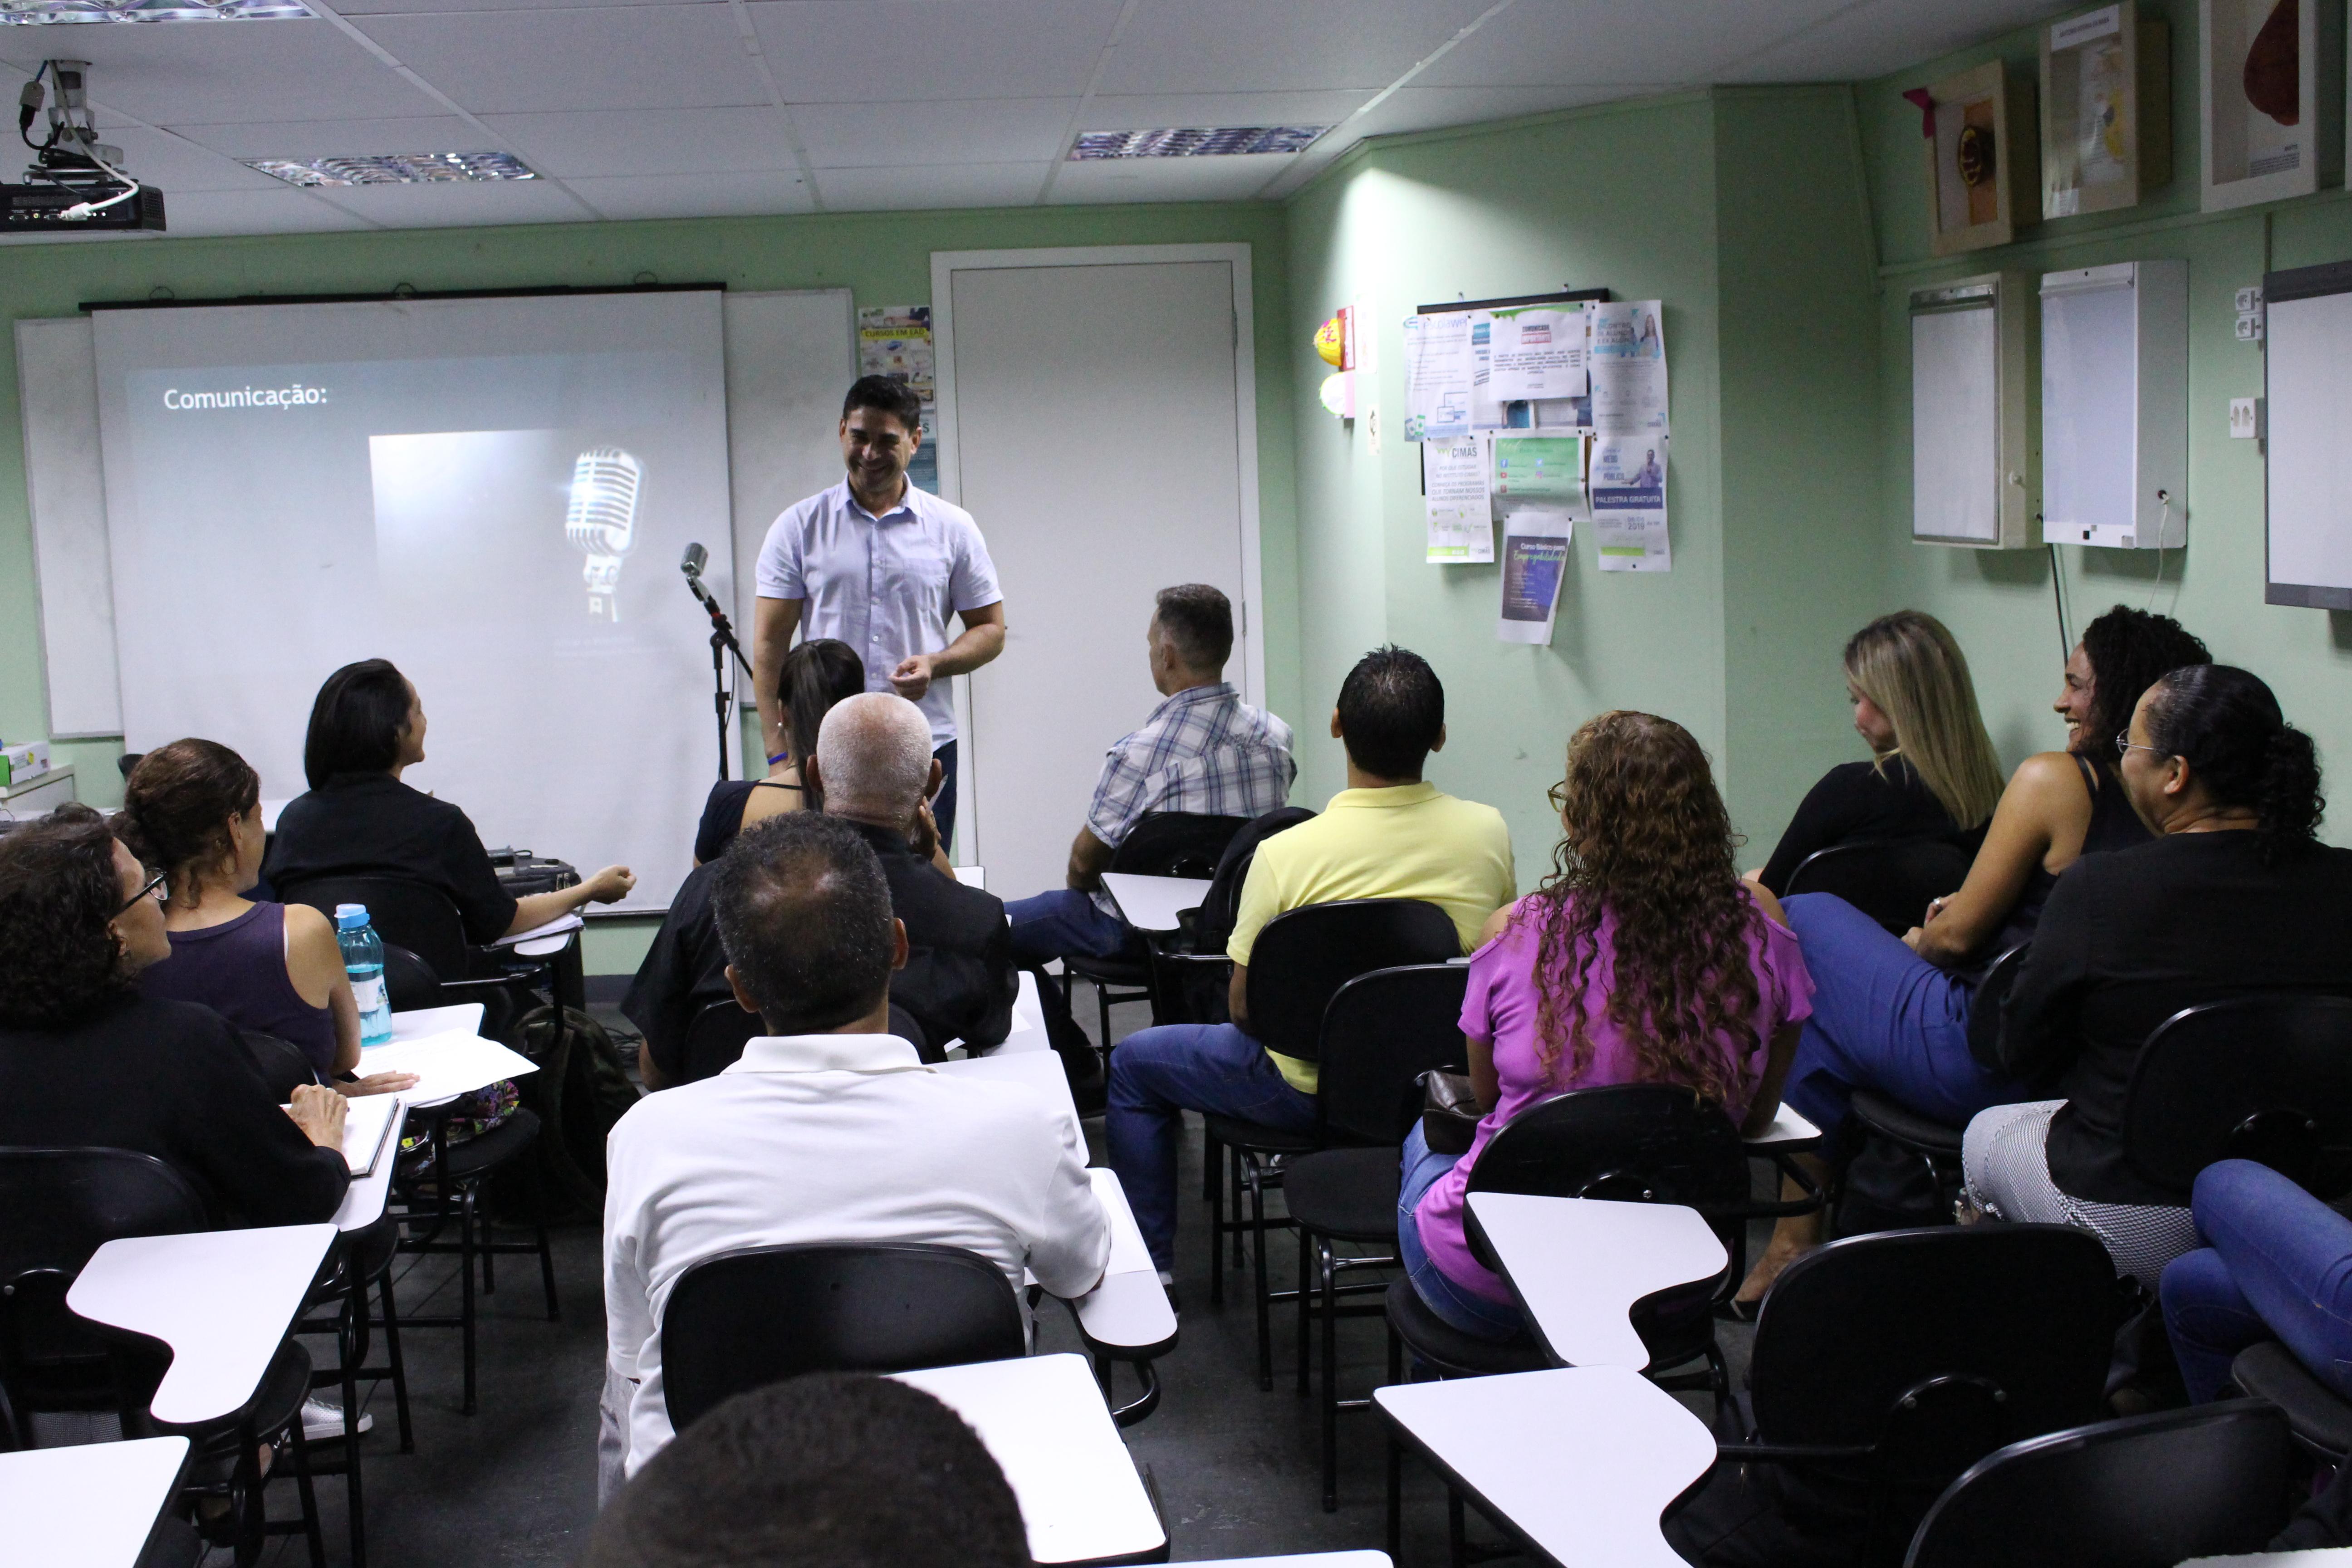 - Notícia sobre o curso de oratória gratuito